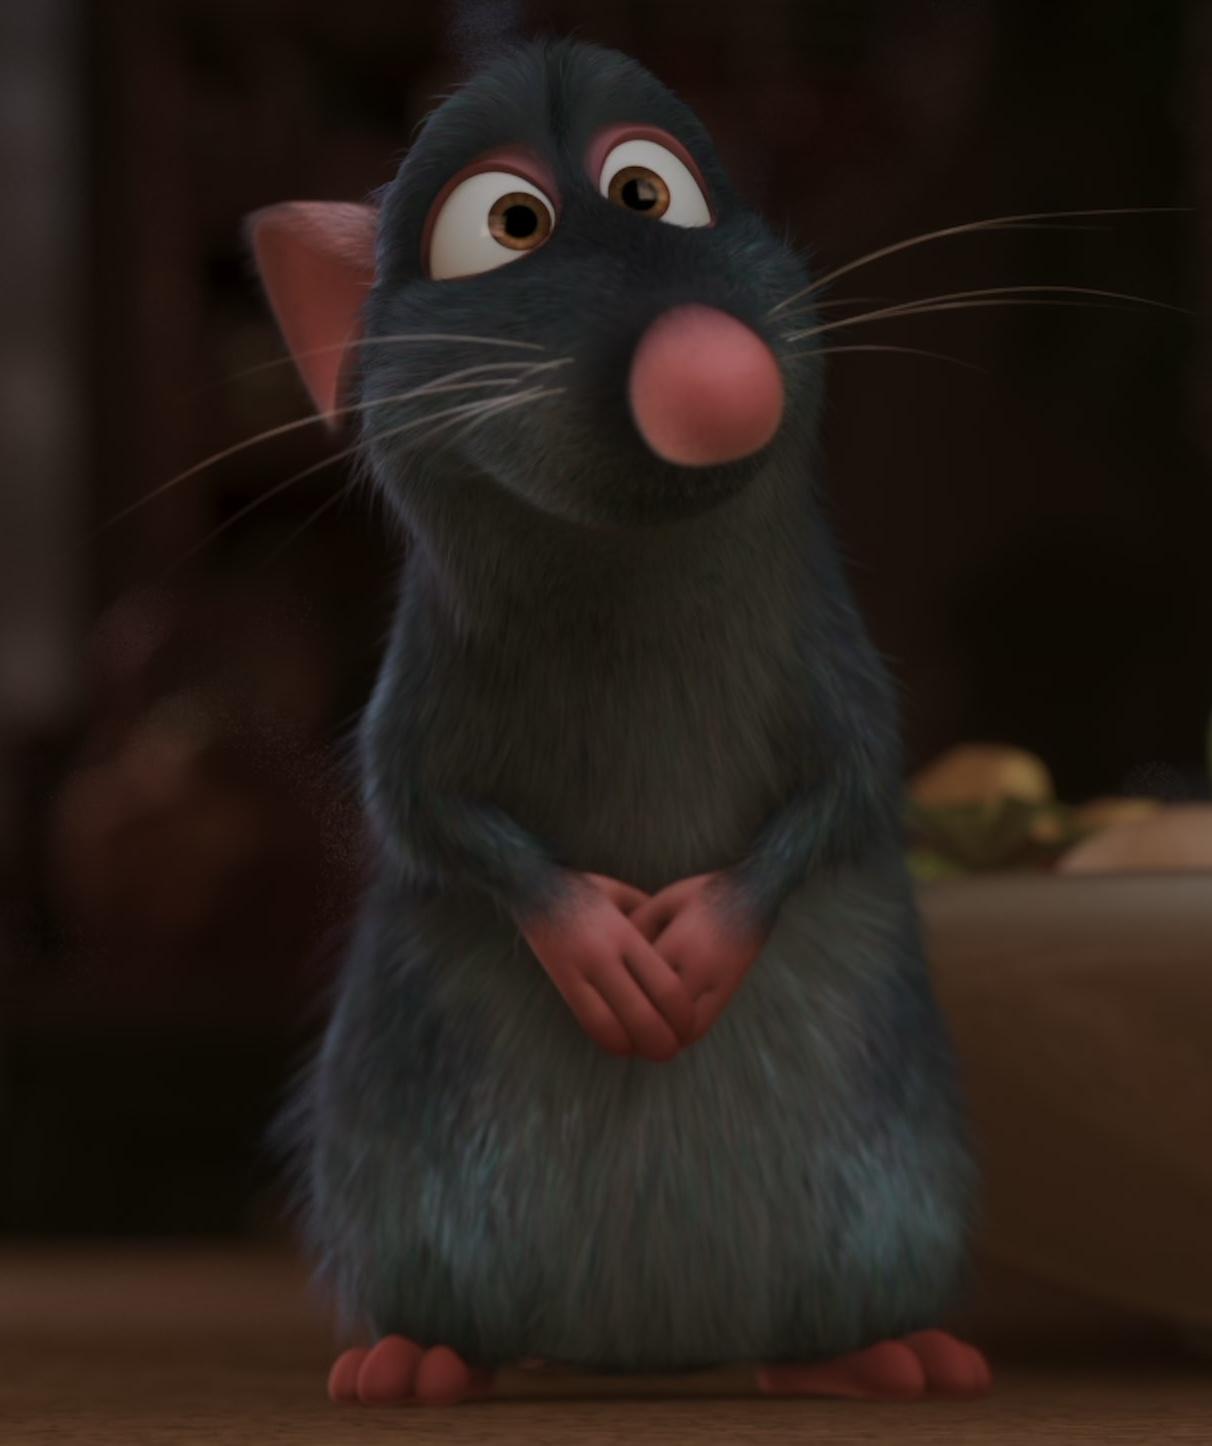 медная проволока крыса рататуй фото зажигалки продаже обычно